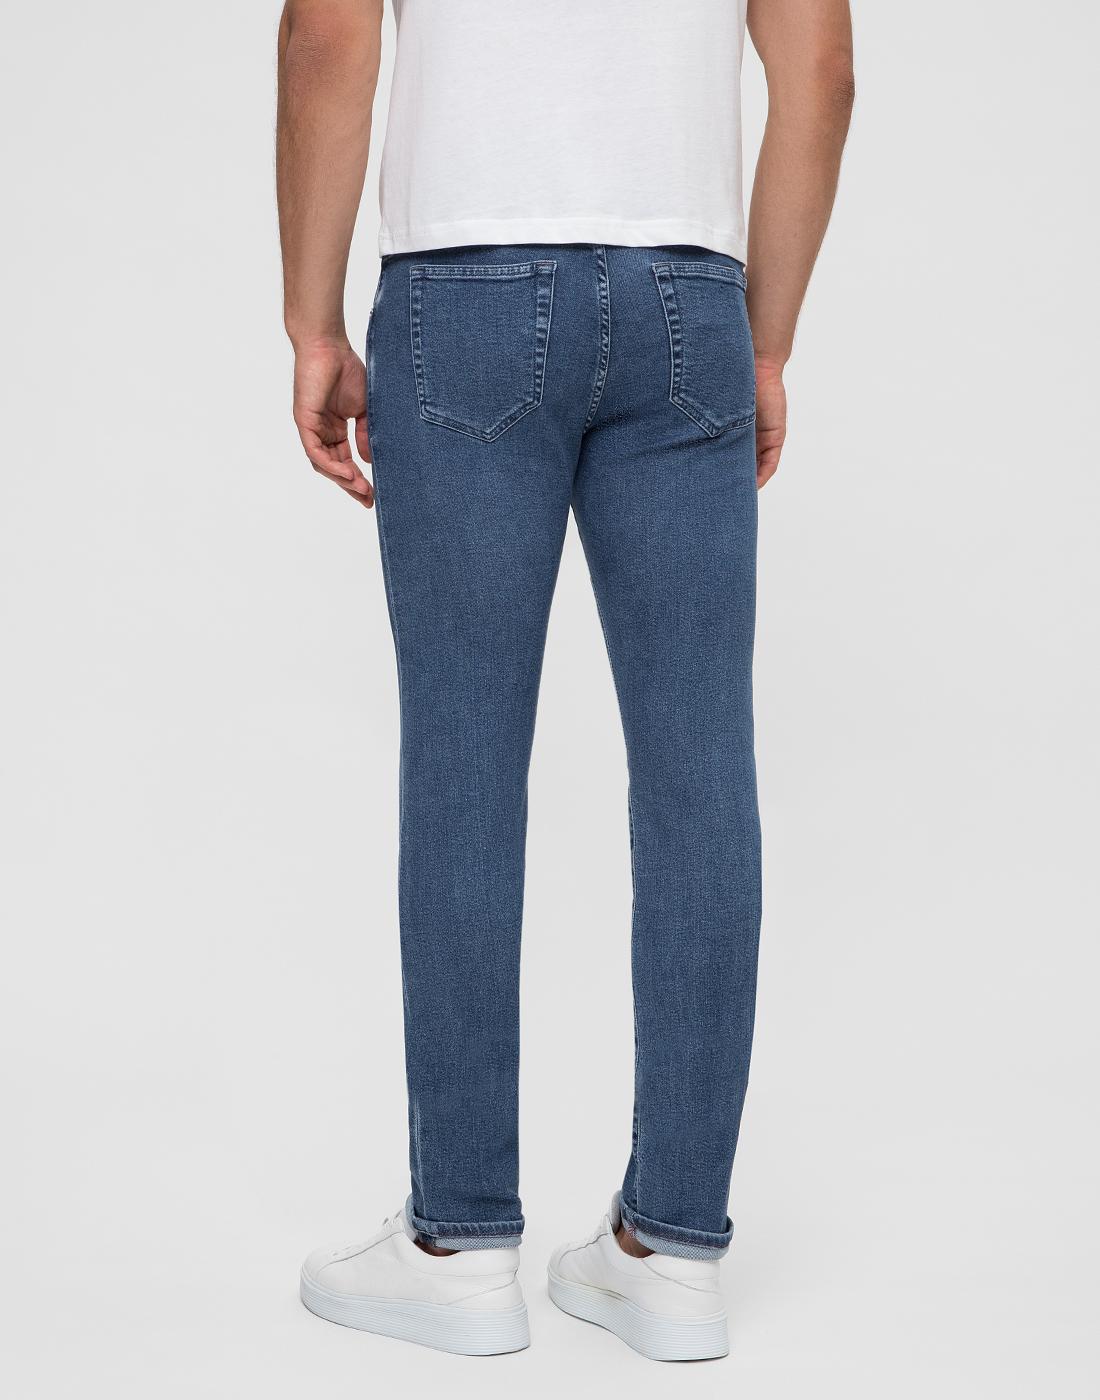 Мужские синие джинсы SOUL PT SOA11 MC35-4